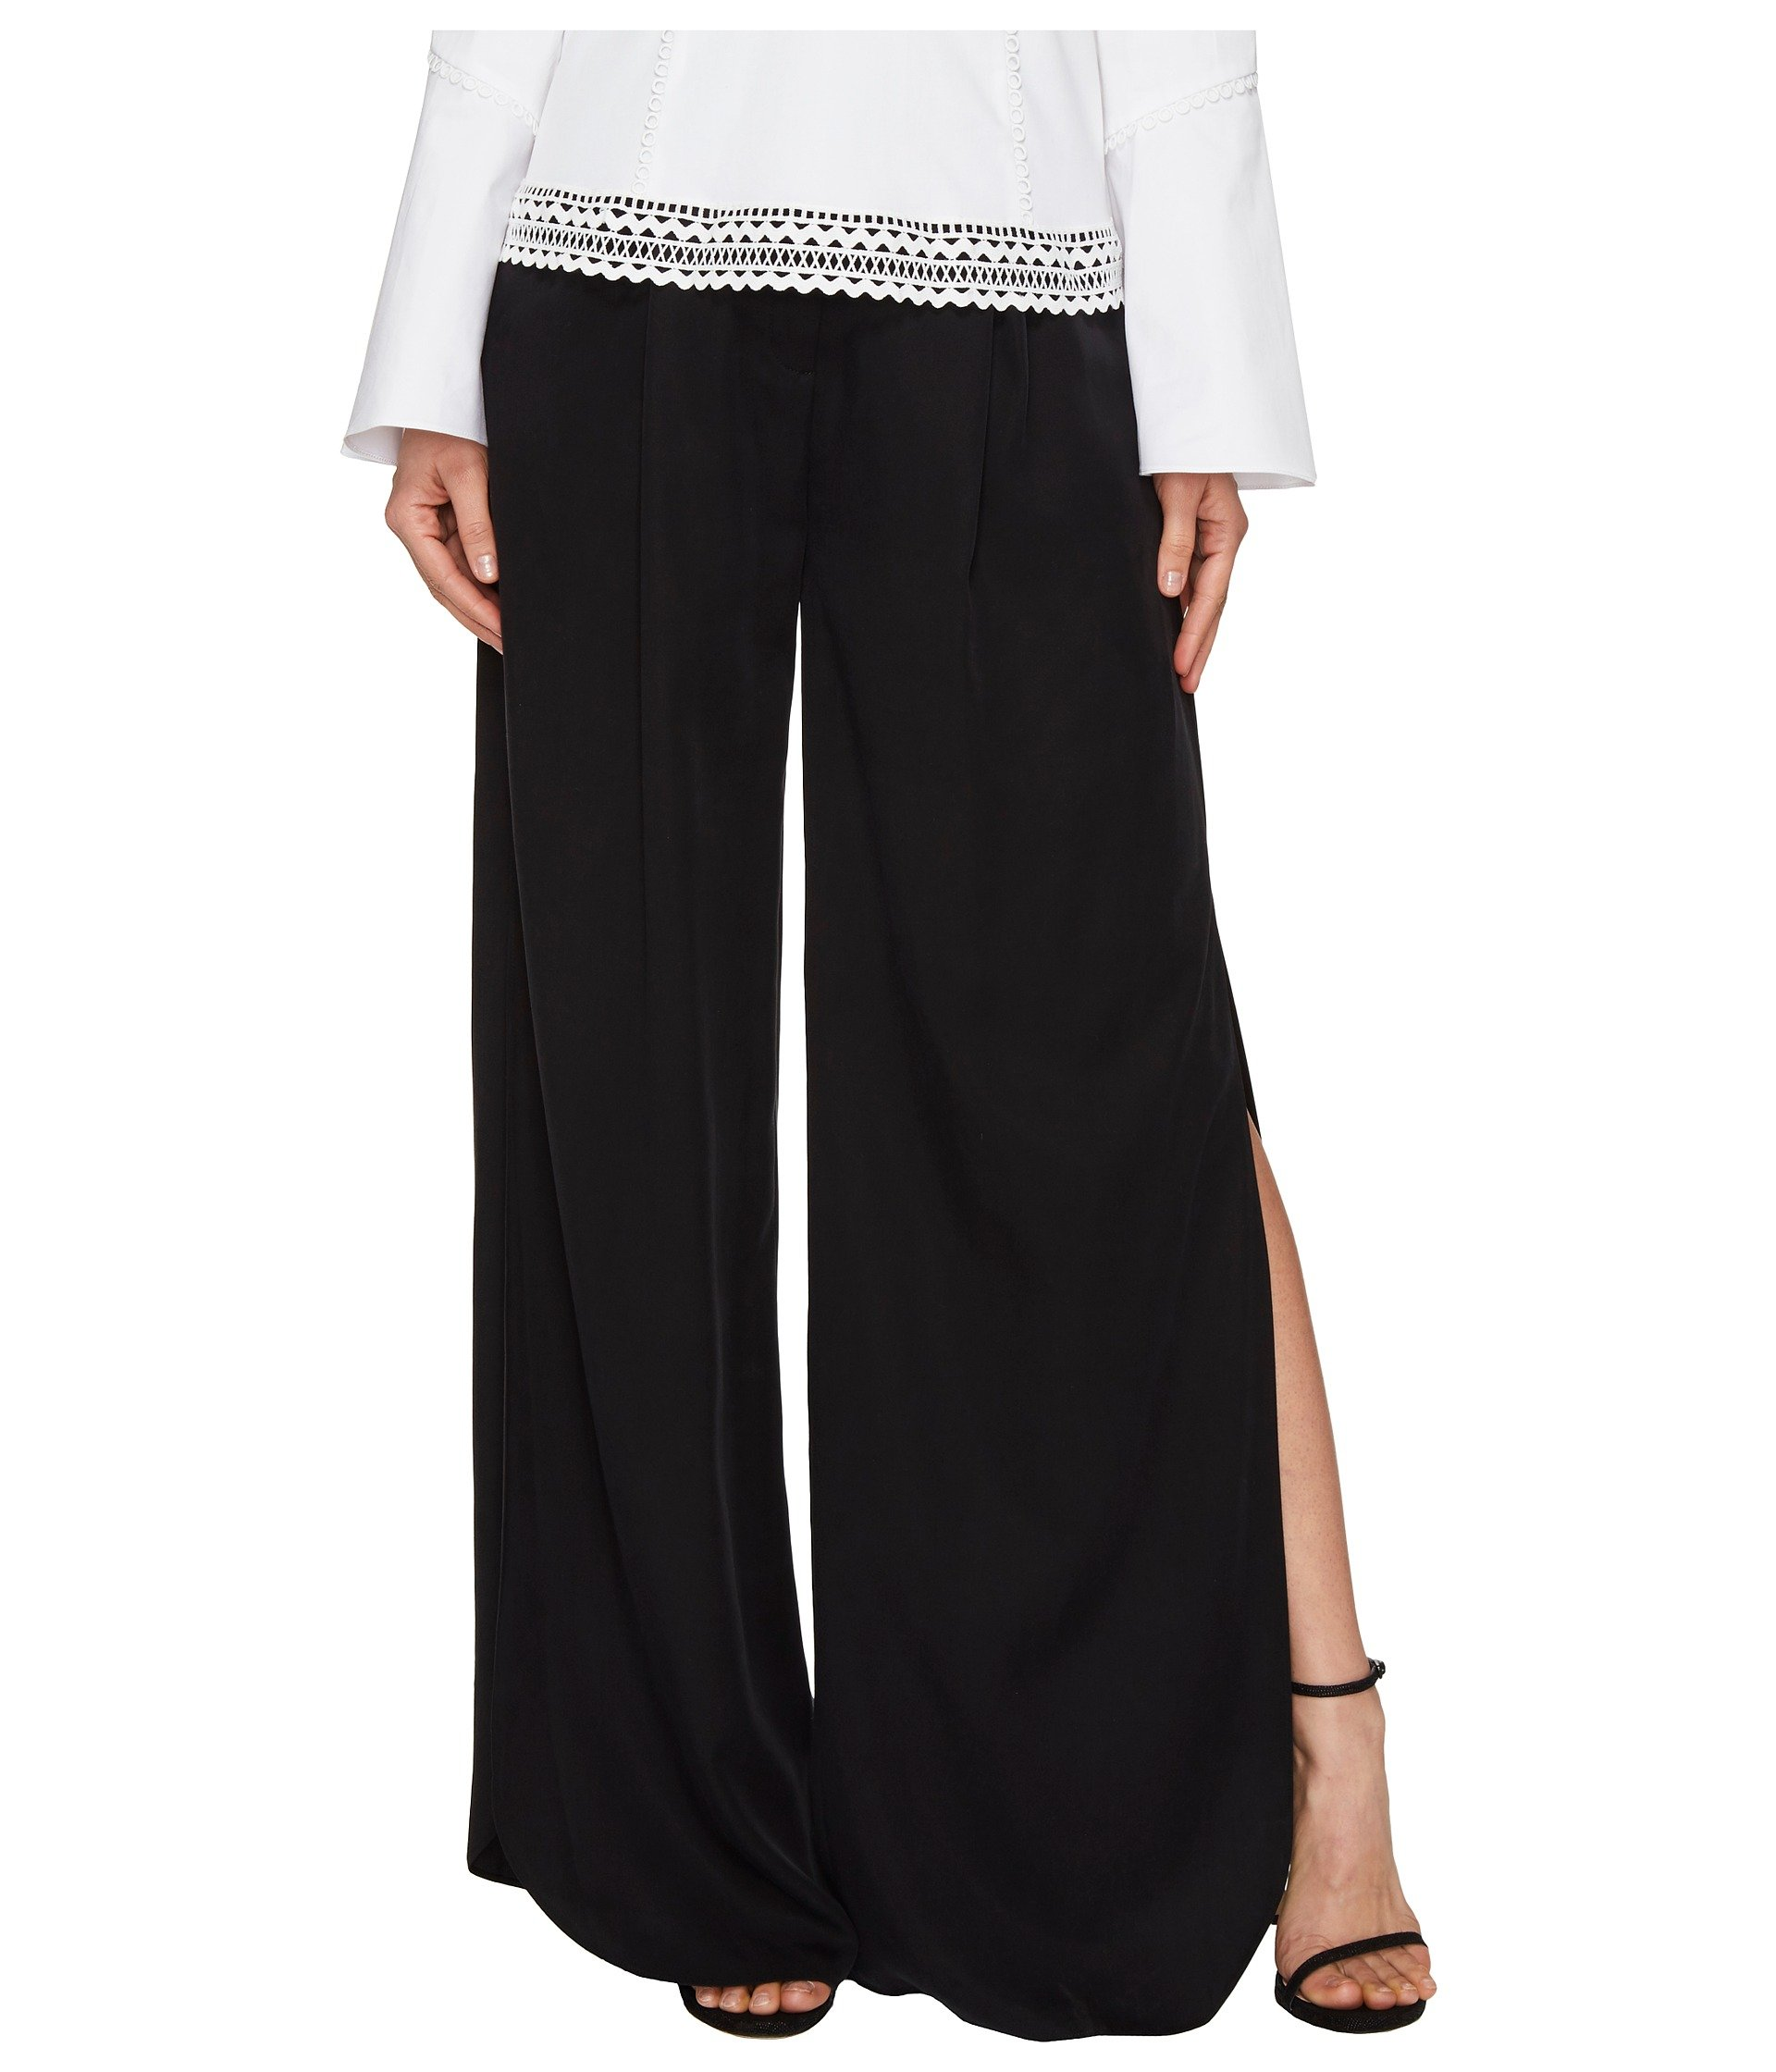 Pantalón para Mujer ZAC Zac Posen Cruise Pants  + ZAC Zac Posen en VeoyCompro.net